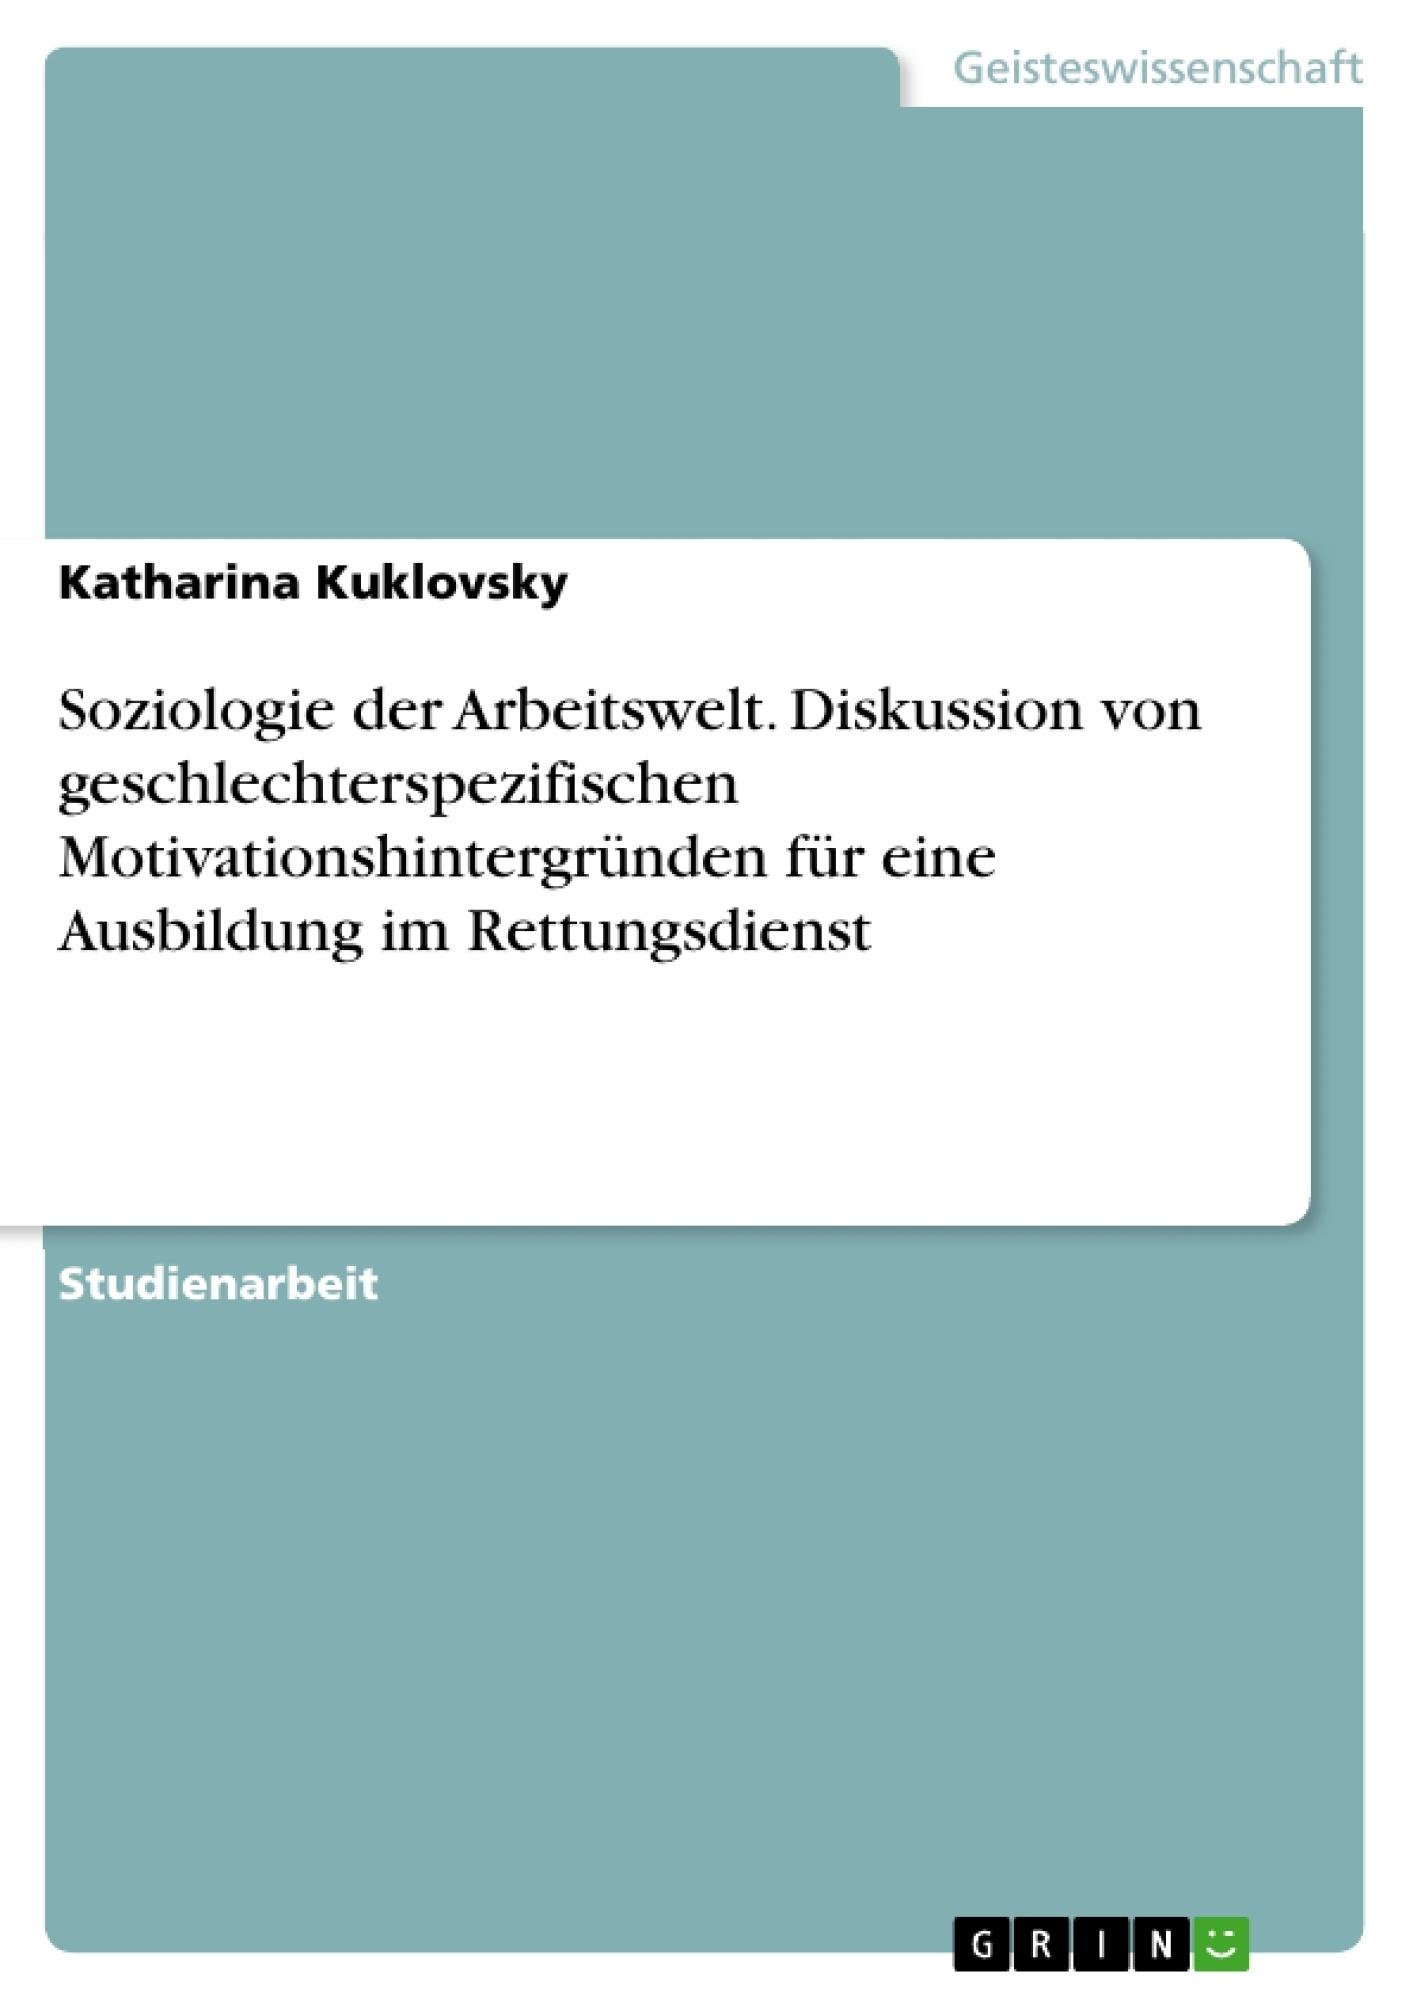 Titel: Soziologie der Arbeitswelt. Diskussion von geschlechterspezifischen Motivationshintergründen für eine Ausbildung im Rettungsdienst